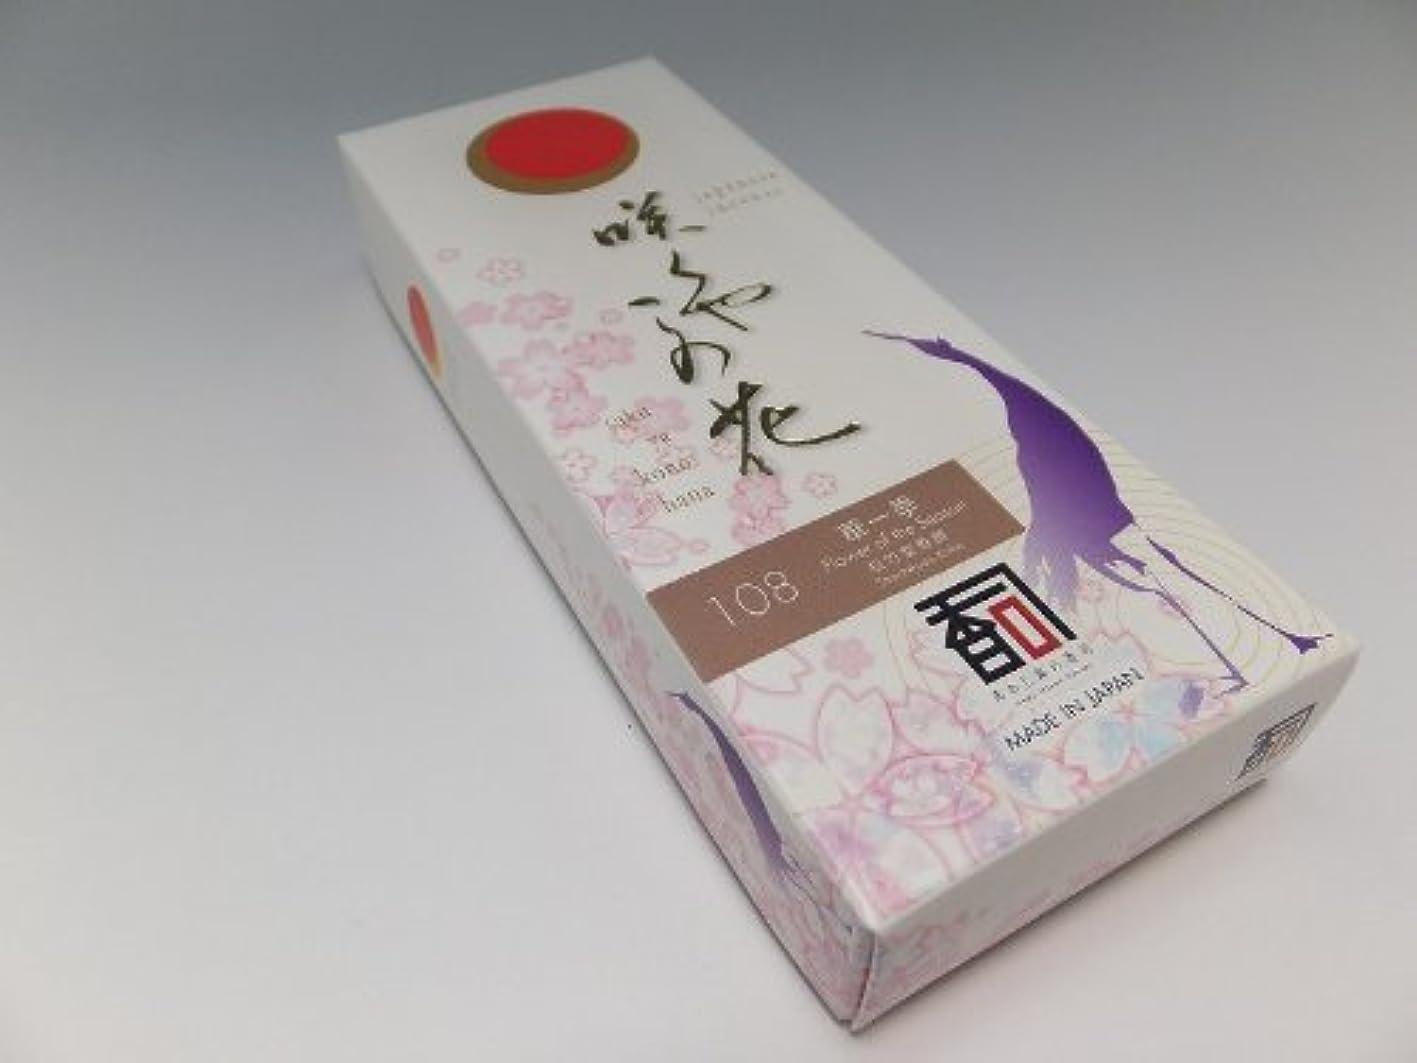 もっと少なく並外れて脅かす「あわじ島の香司」 日本の香りシリーズ  [咲くや この花] 【108】 花一季 (煙少)